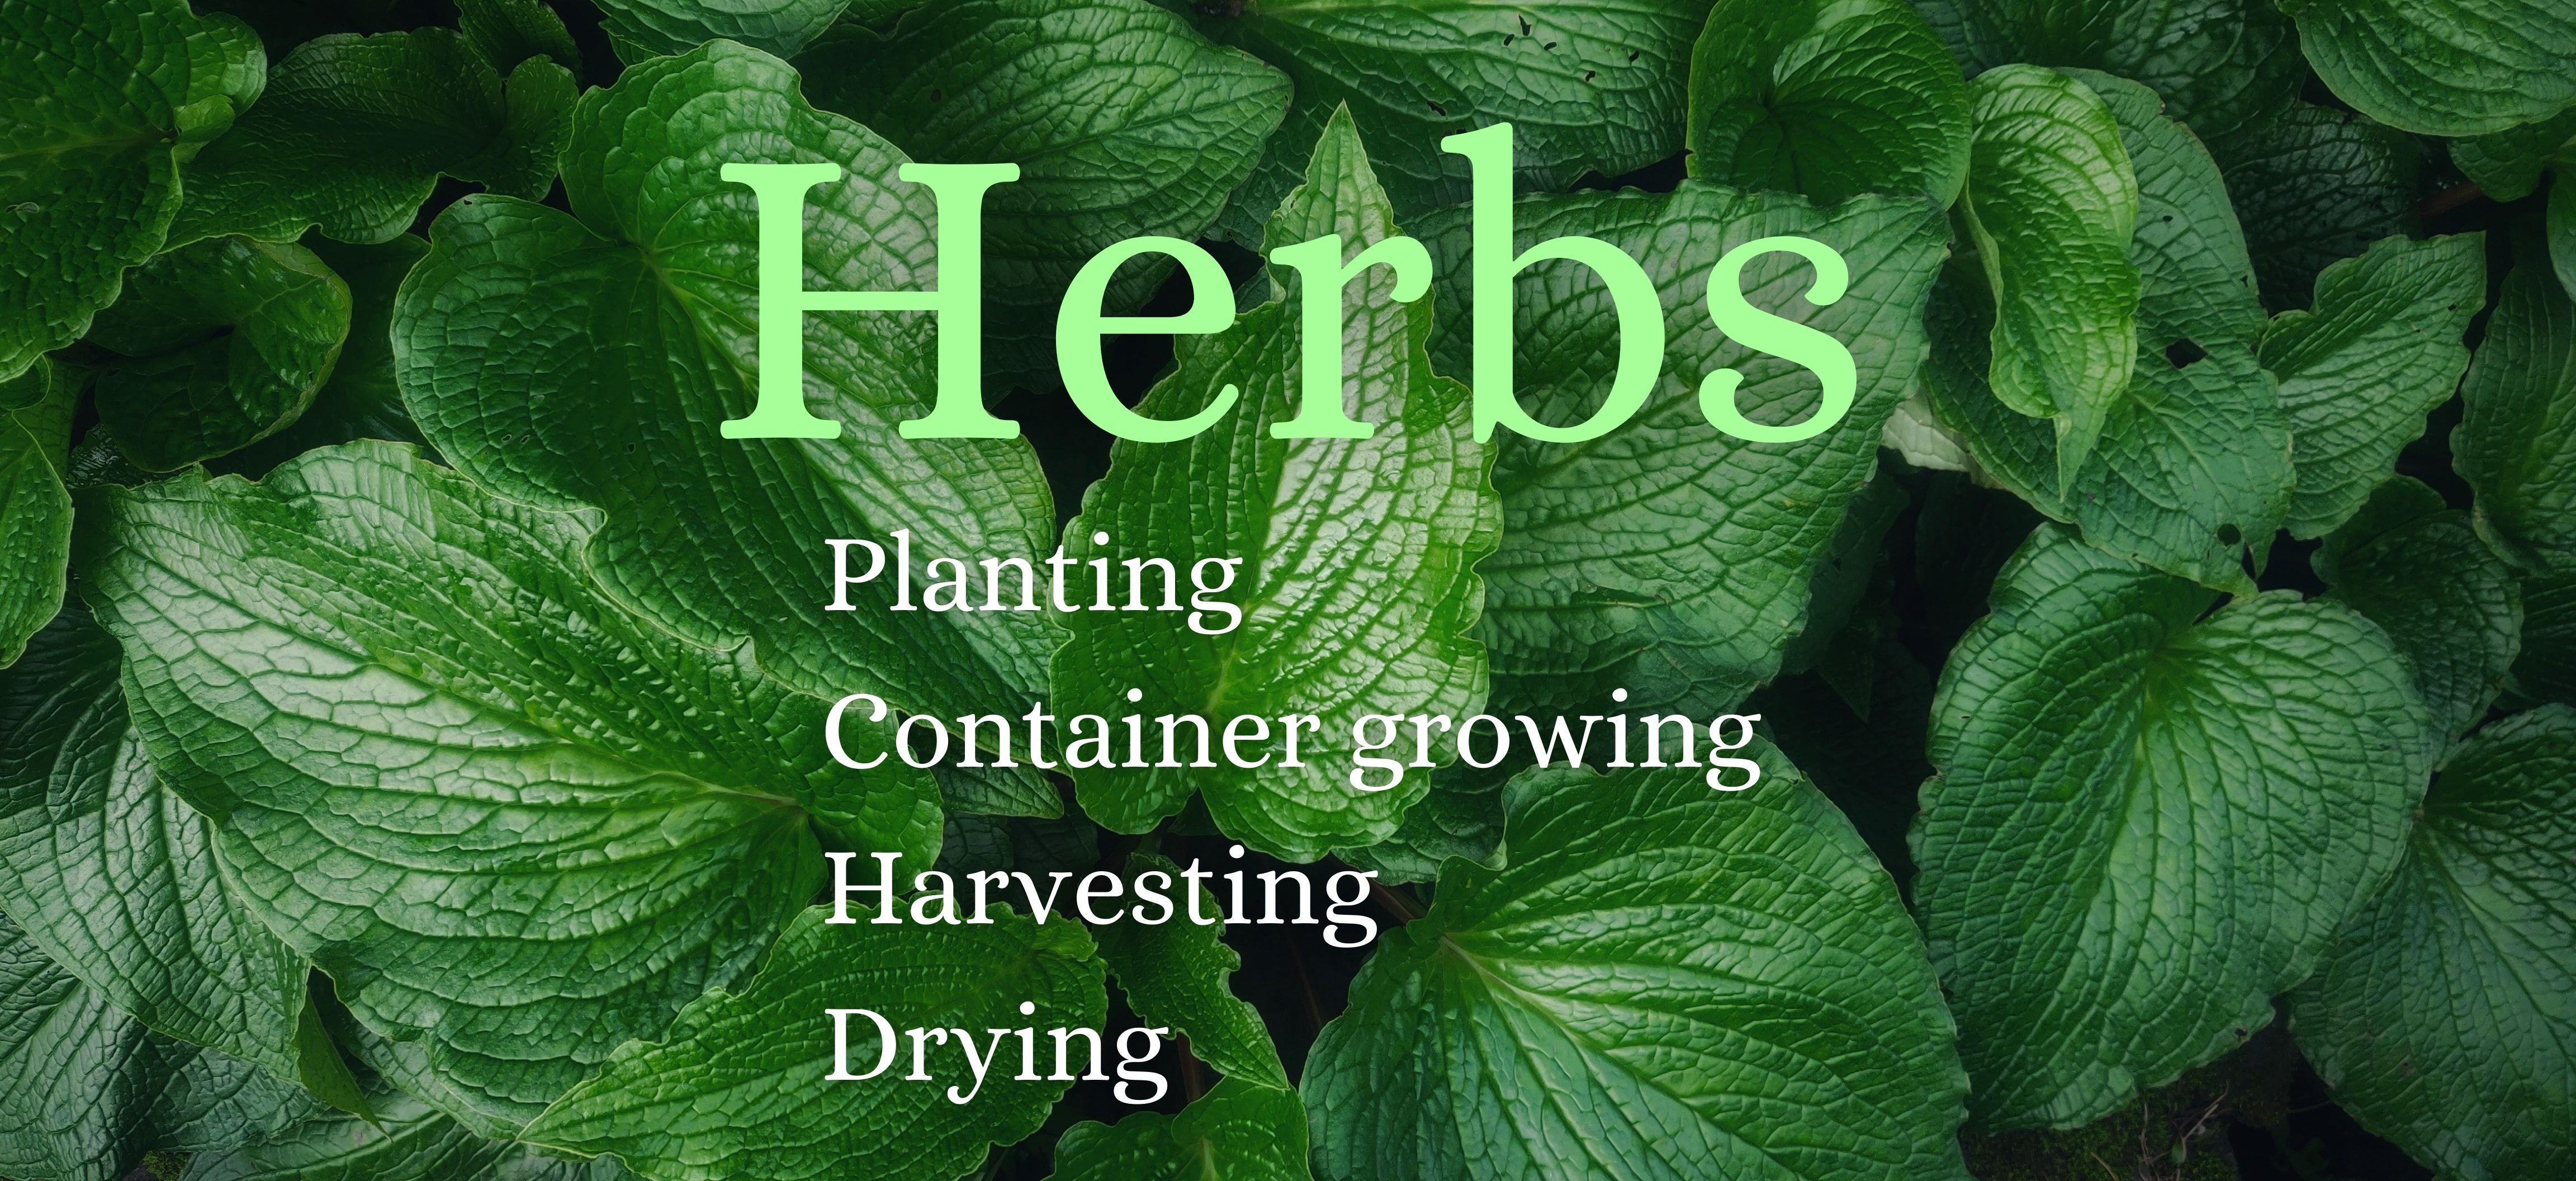 Departments - Herbs